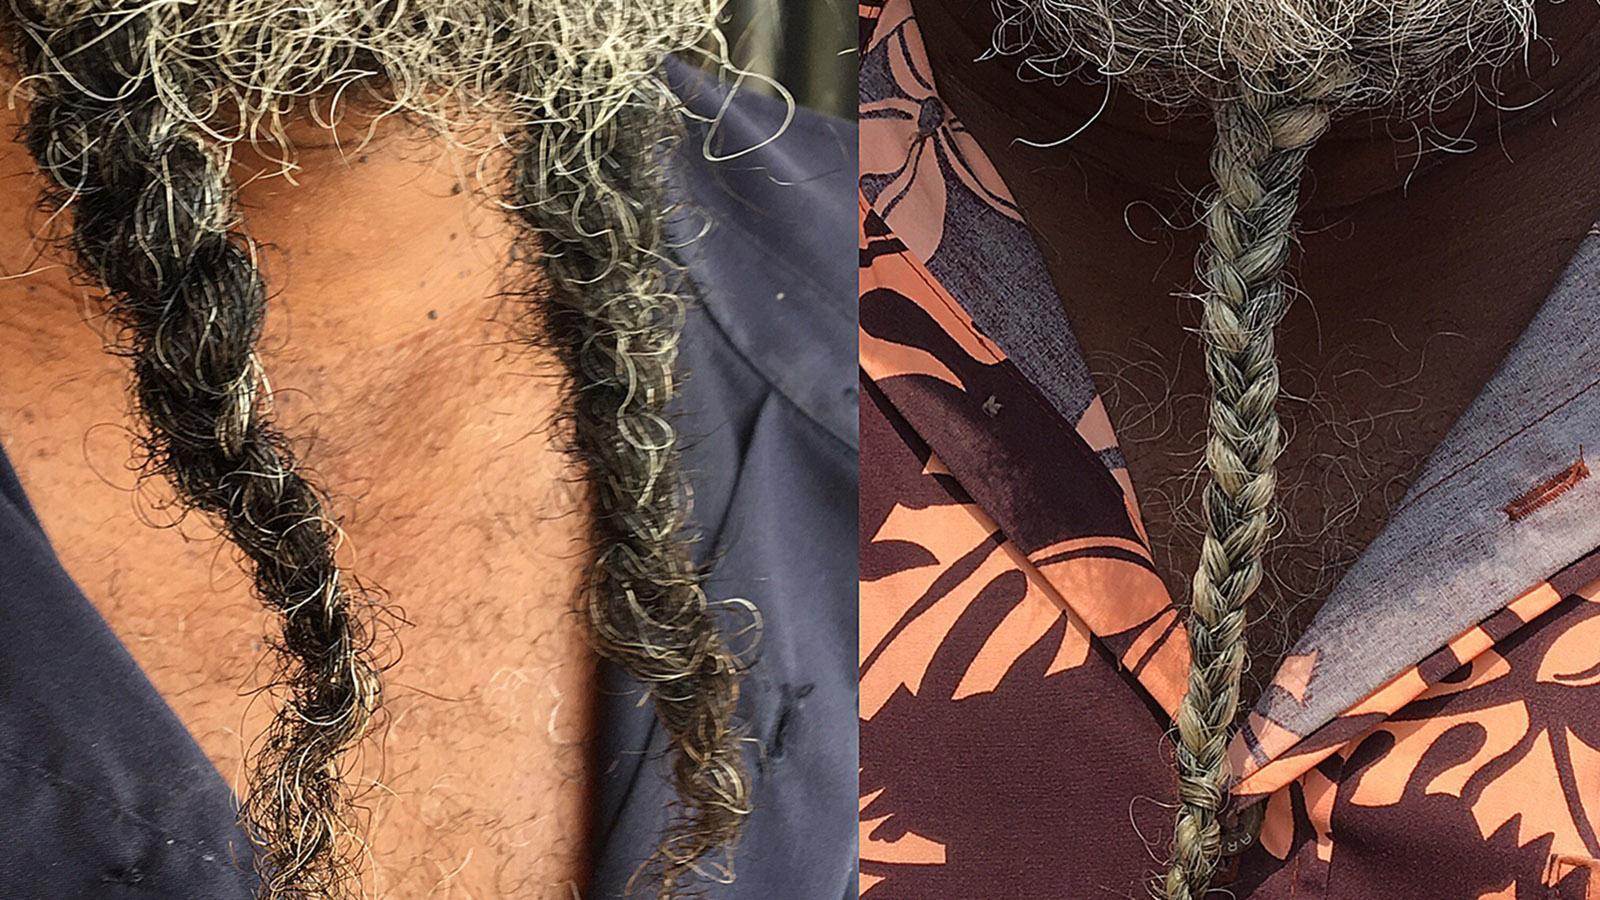 Auf Ouvéa dürfen die Männer ihre Bärte nicht schneiden. Daher zwirbeln oder flechten sie das Haar. Foto: Hilke Maunder